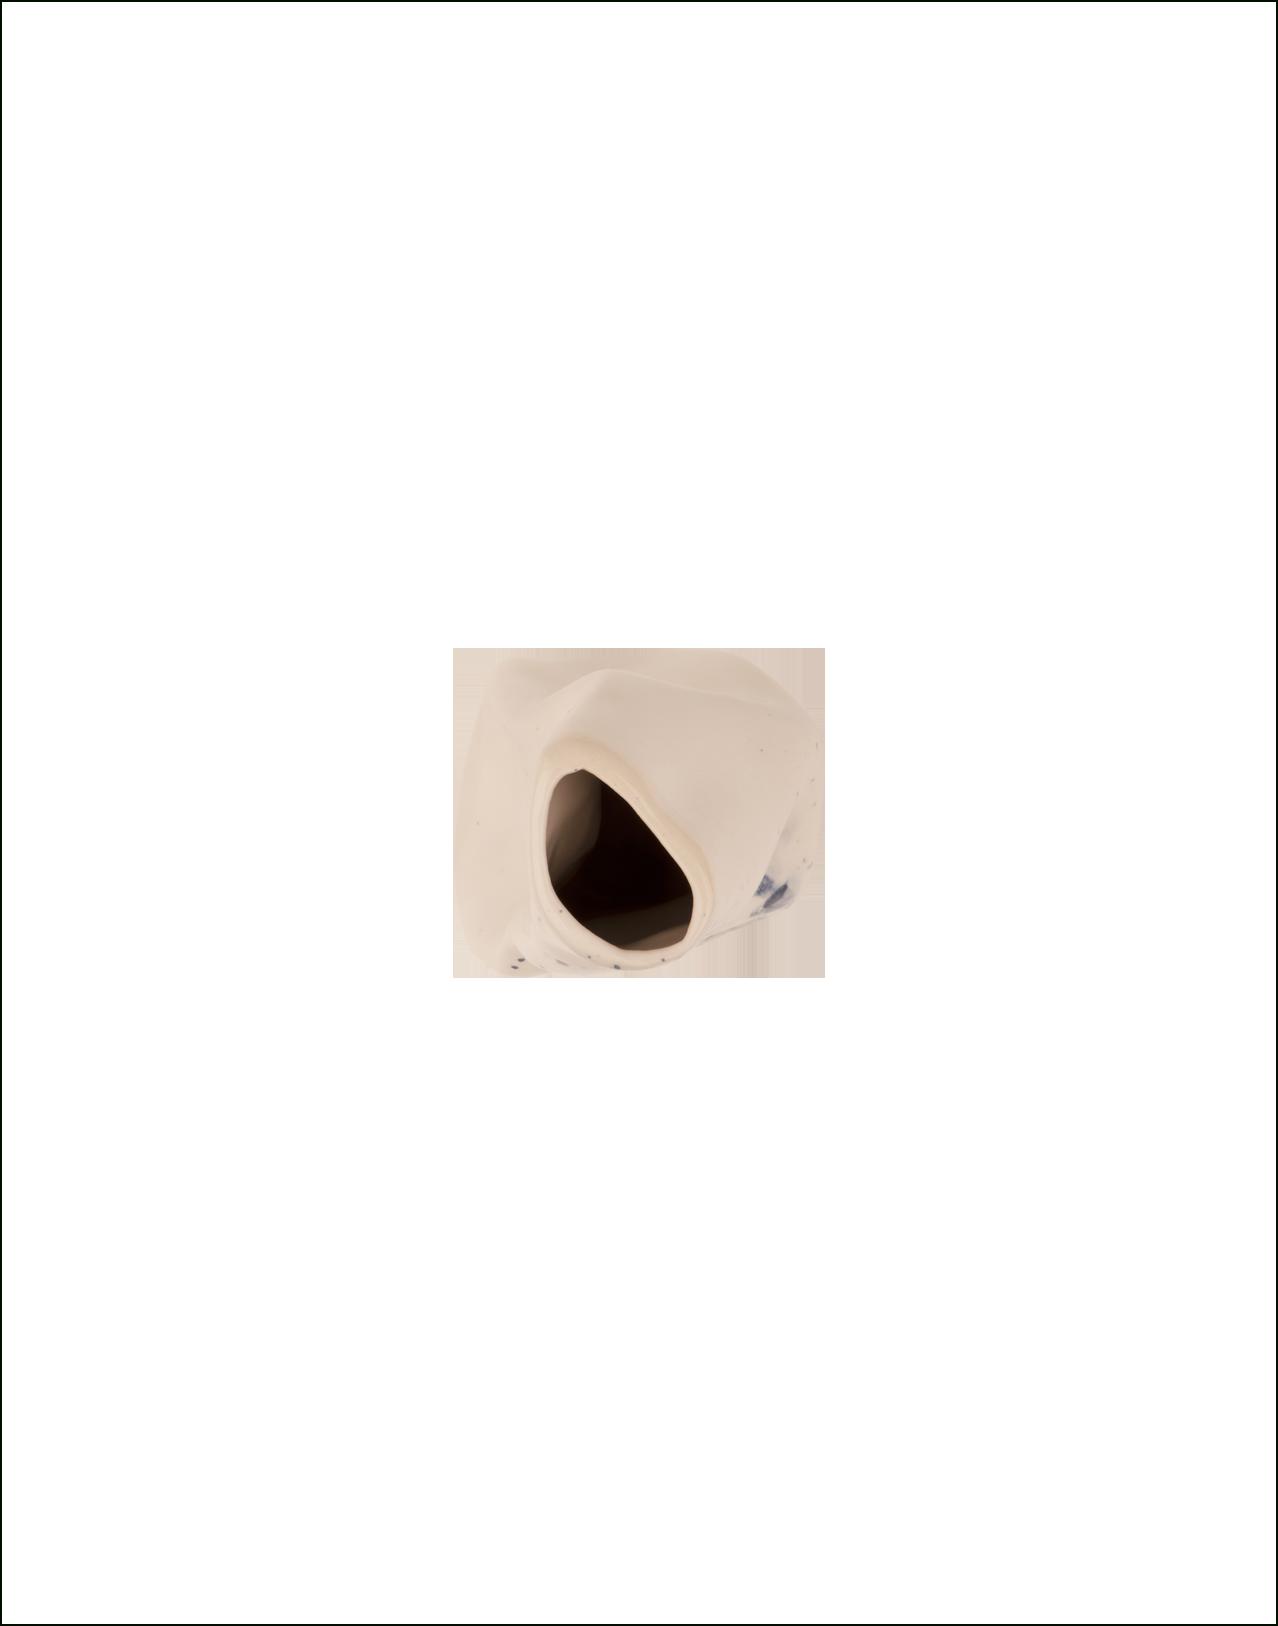 Completedworks-Ceramics-Object-15-4-1.png